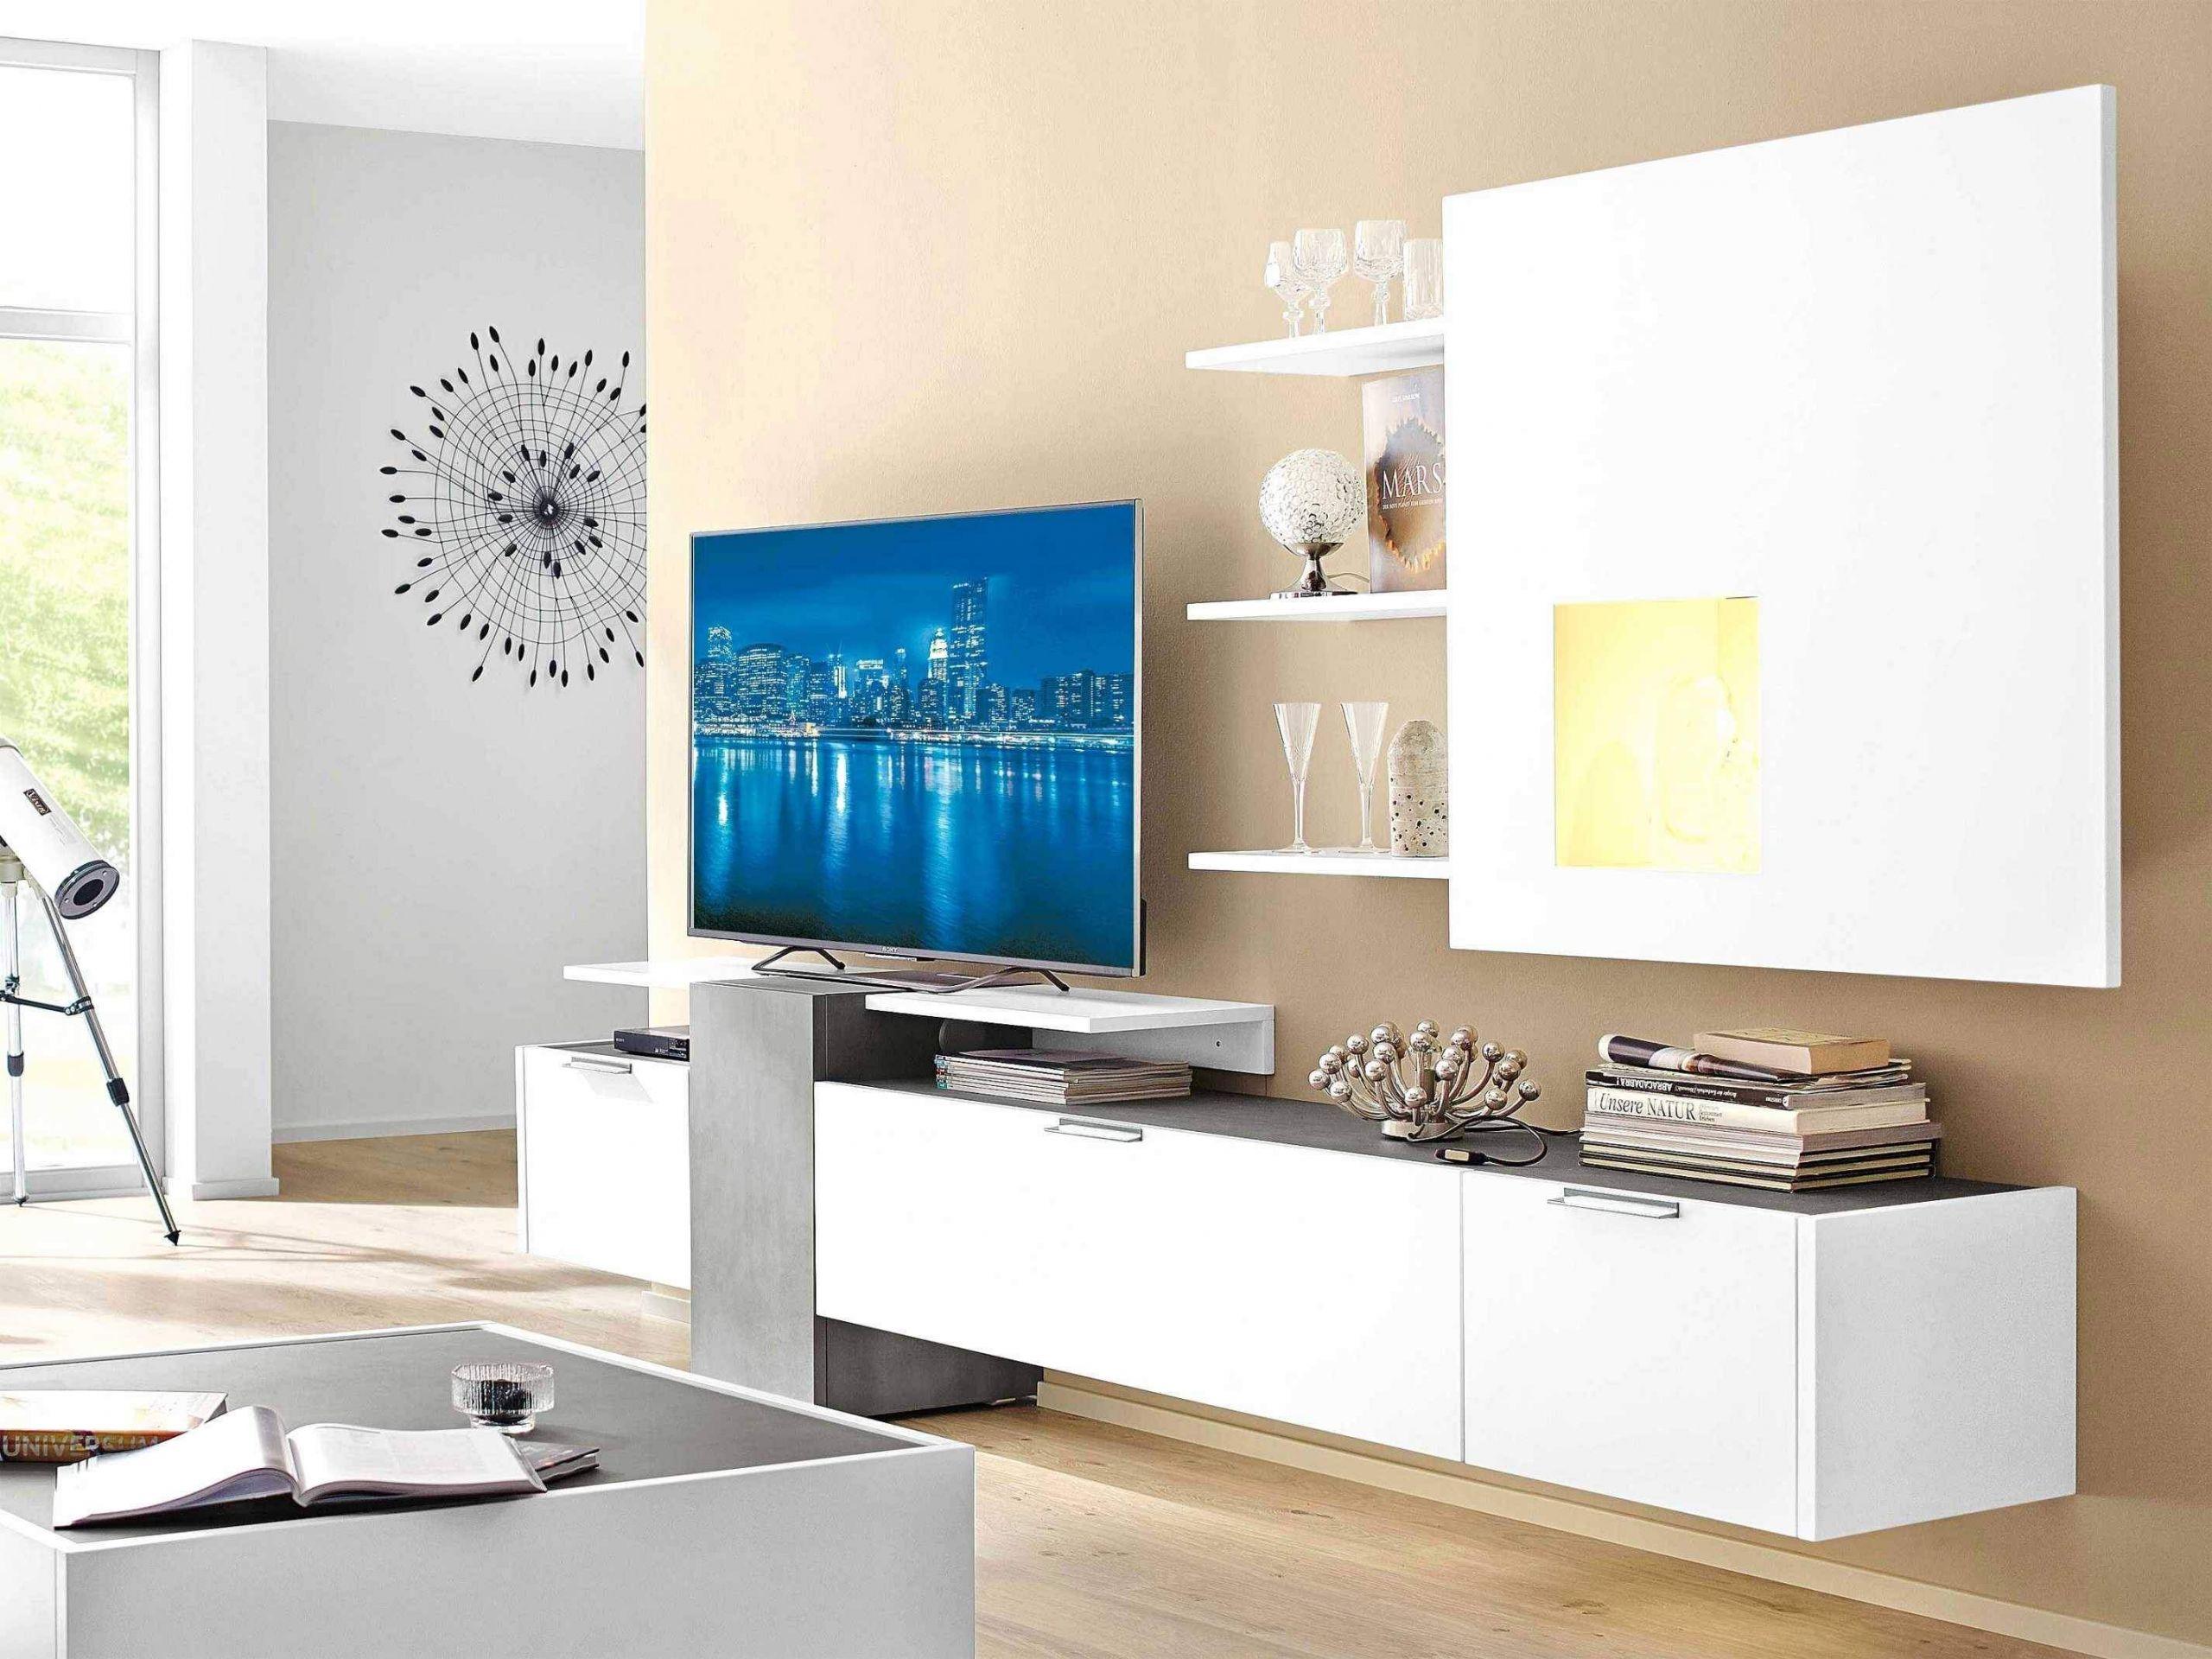 Full Size of 25 Reizend Ikea Schrank Wohnzimmer Einzigartig Frisch Küche Kaufen Garten Trennwand Sofa Mit Schlaffunktion Miniküche Glastrennwand Dusche Betten Bei Kosten Wohnzimmer Trennwand Ikea